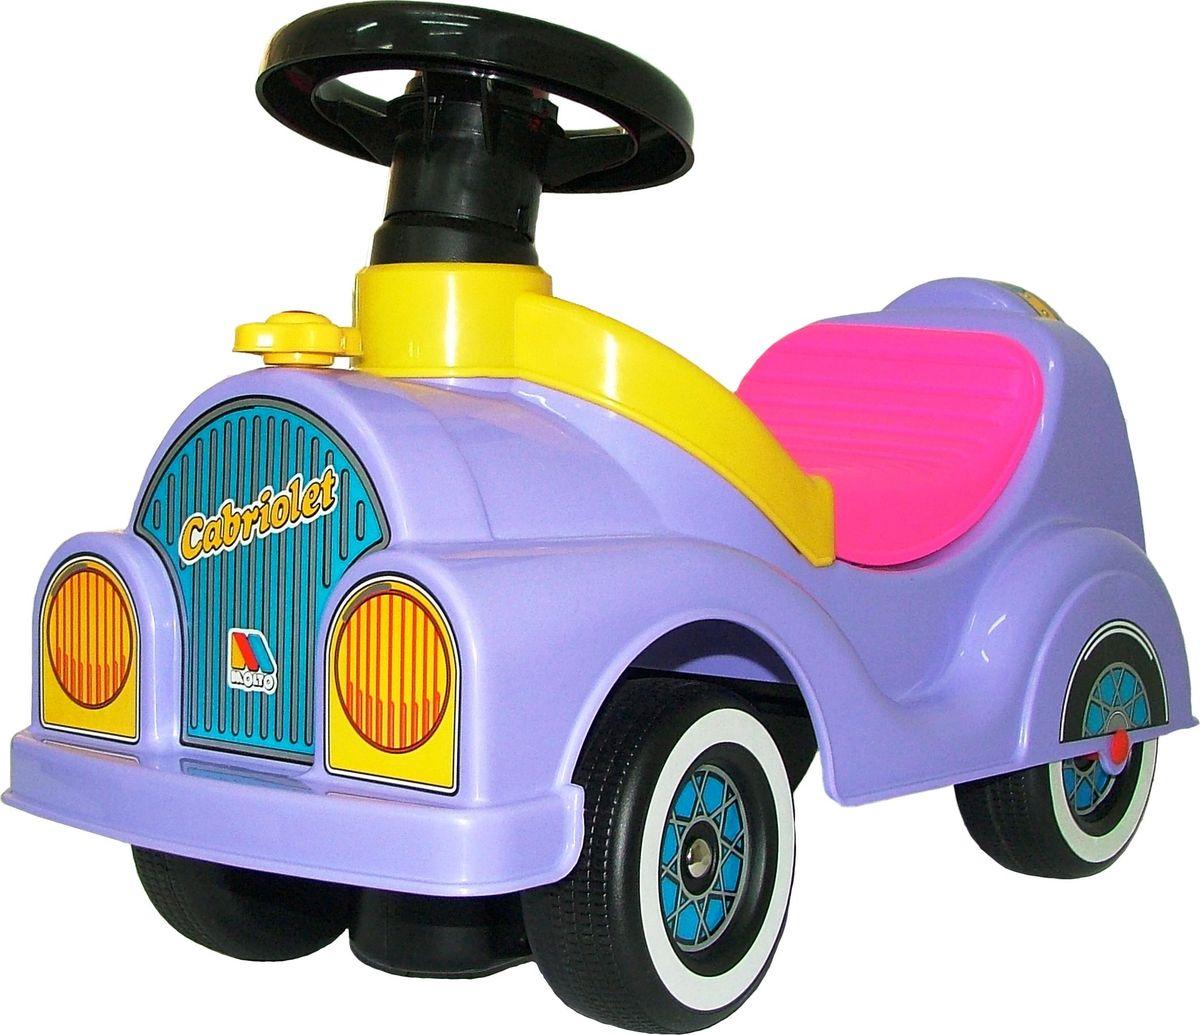 Полесье Каталка Кабриолет, цвет в ассортименте автомобиль пластмастер малютка зефирки цвет в ассортименте 31172